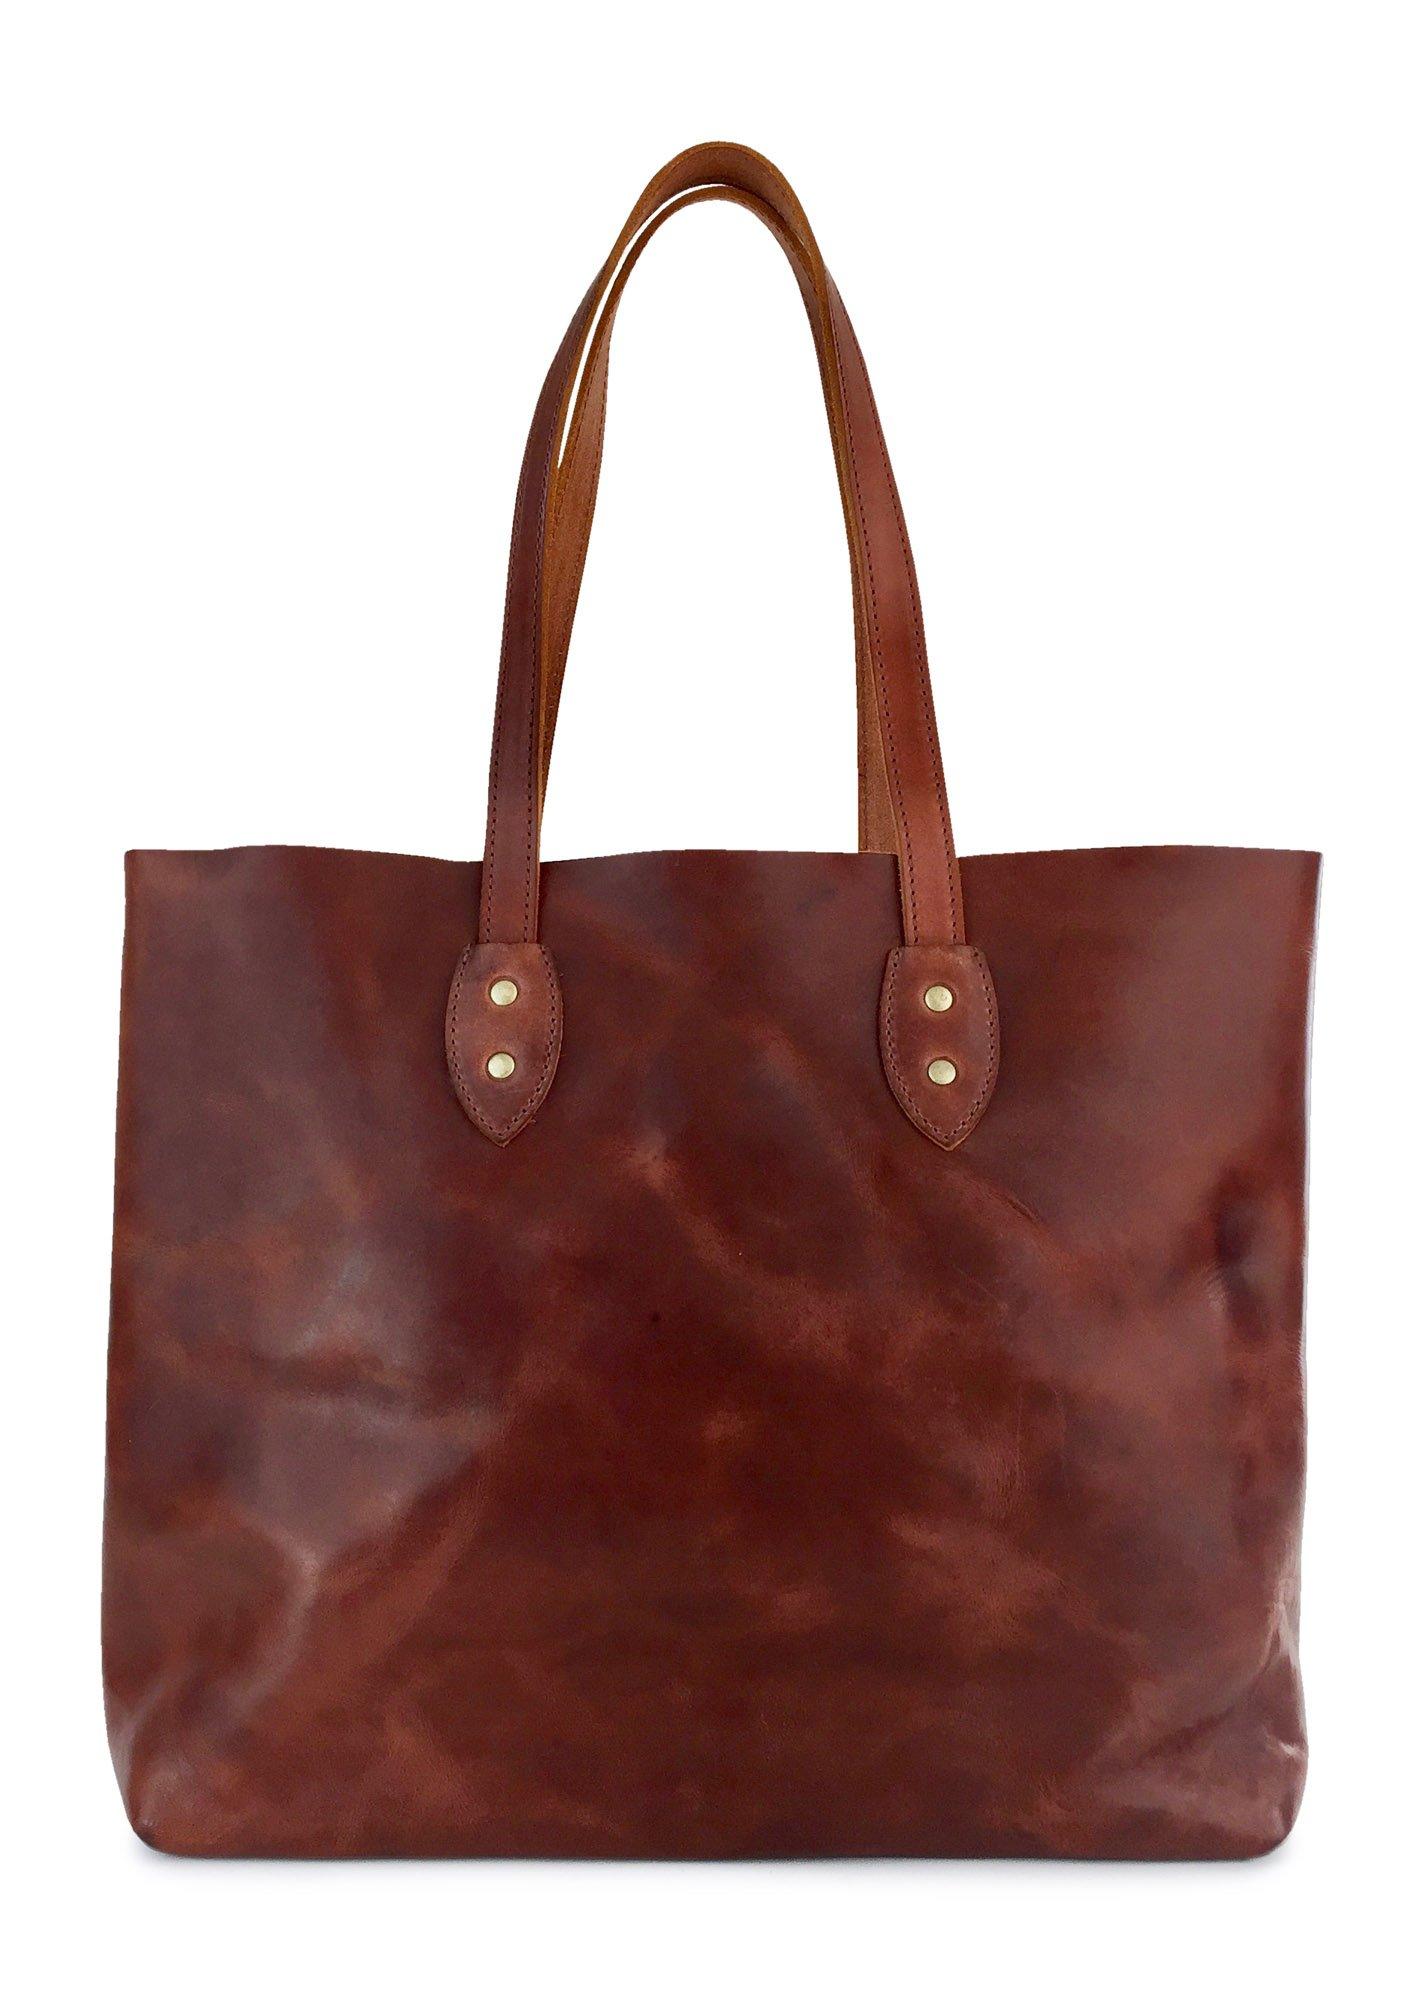 Vintage Leather Tote Bag by Jackson Wayne (Vintage Brown)